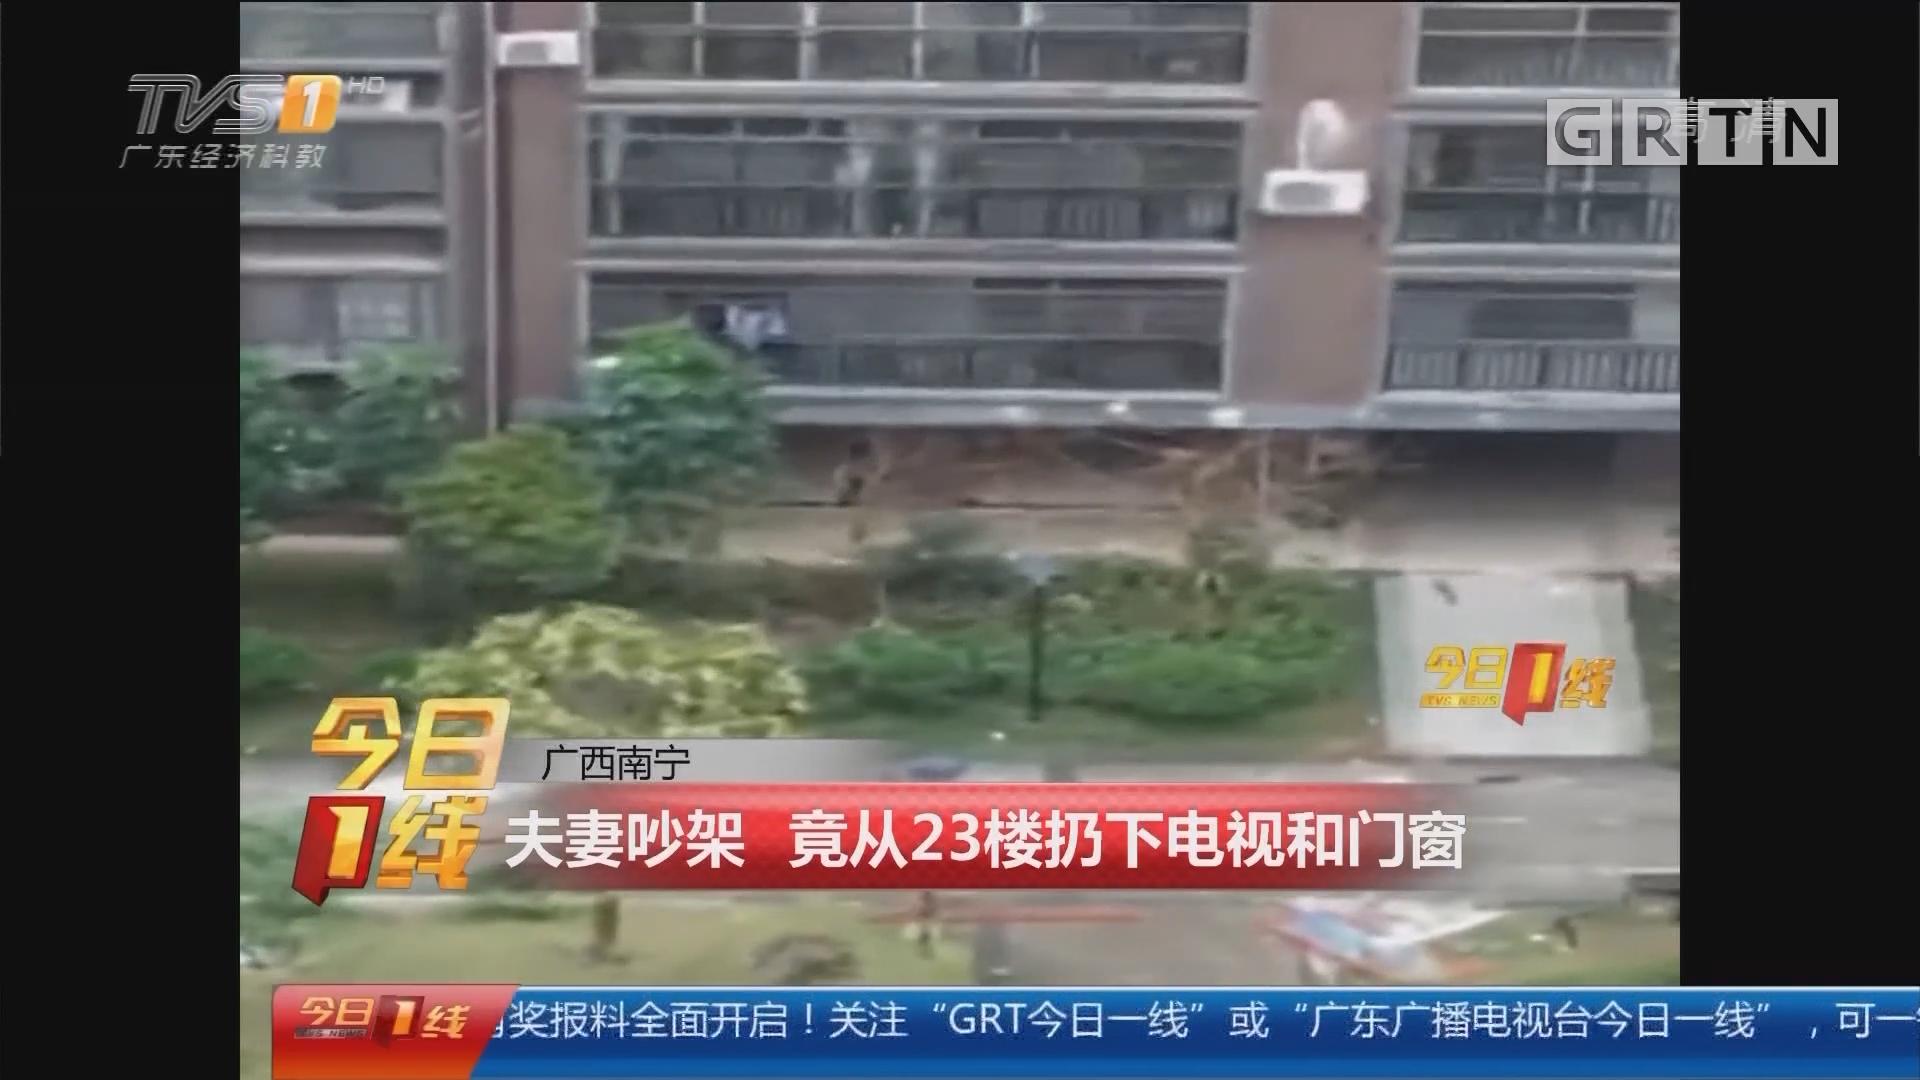 广西南宁:夫妻吵架 竟从23楼扔下电视和门窗